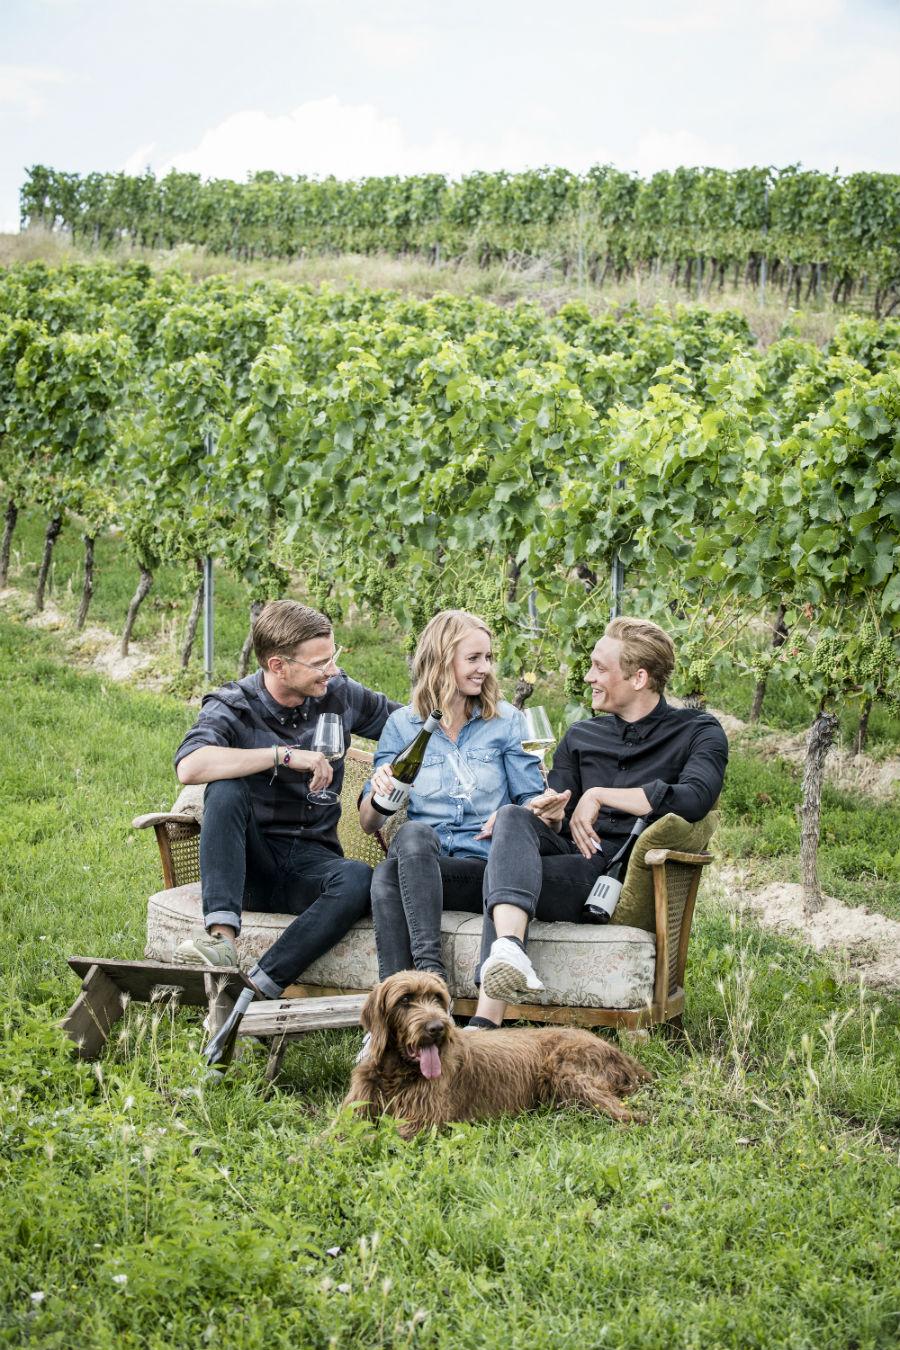 Wein von Matthias Schweighöfer, Joko Winterscheidt und Juliane Eller bei REWE